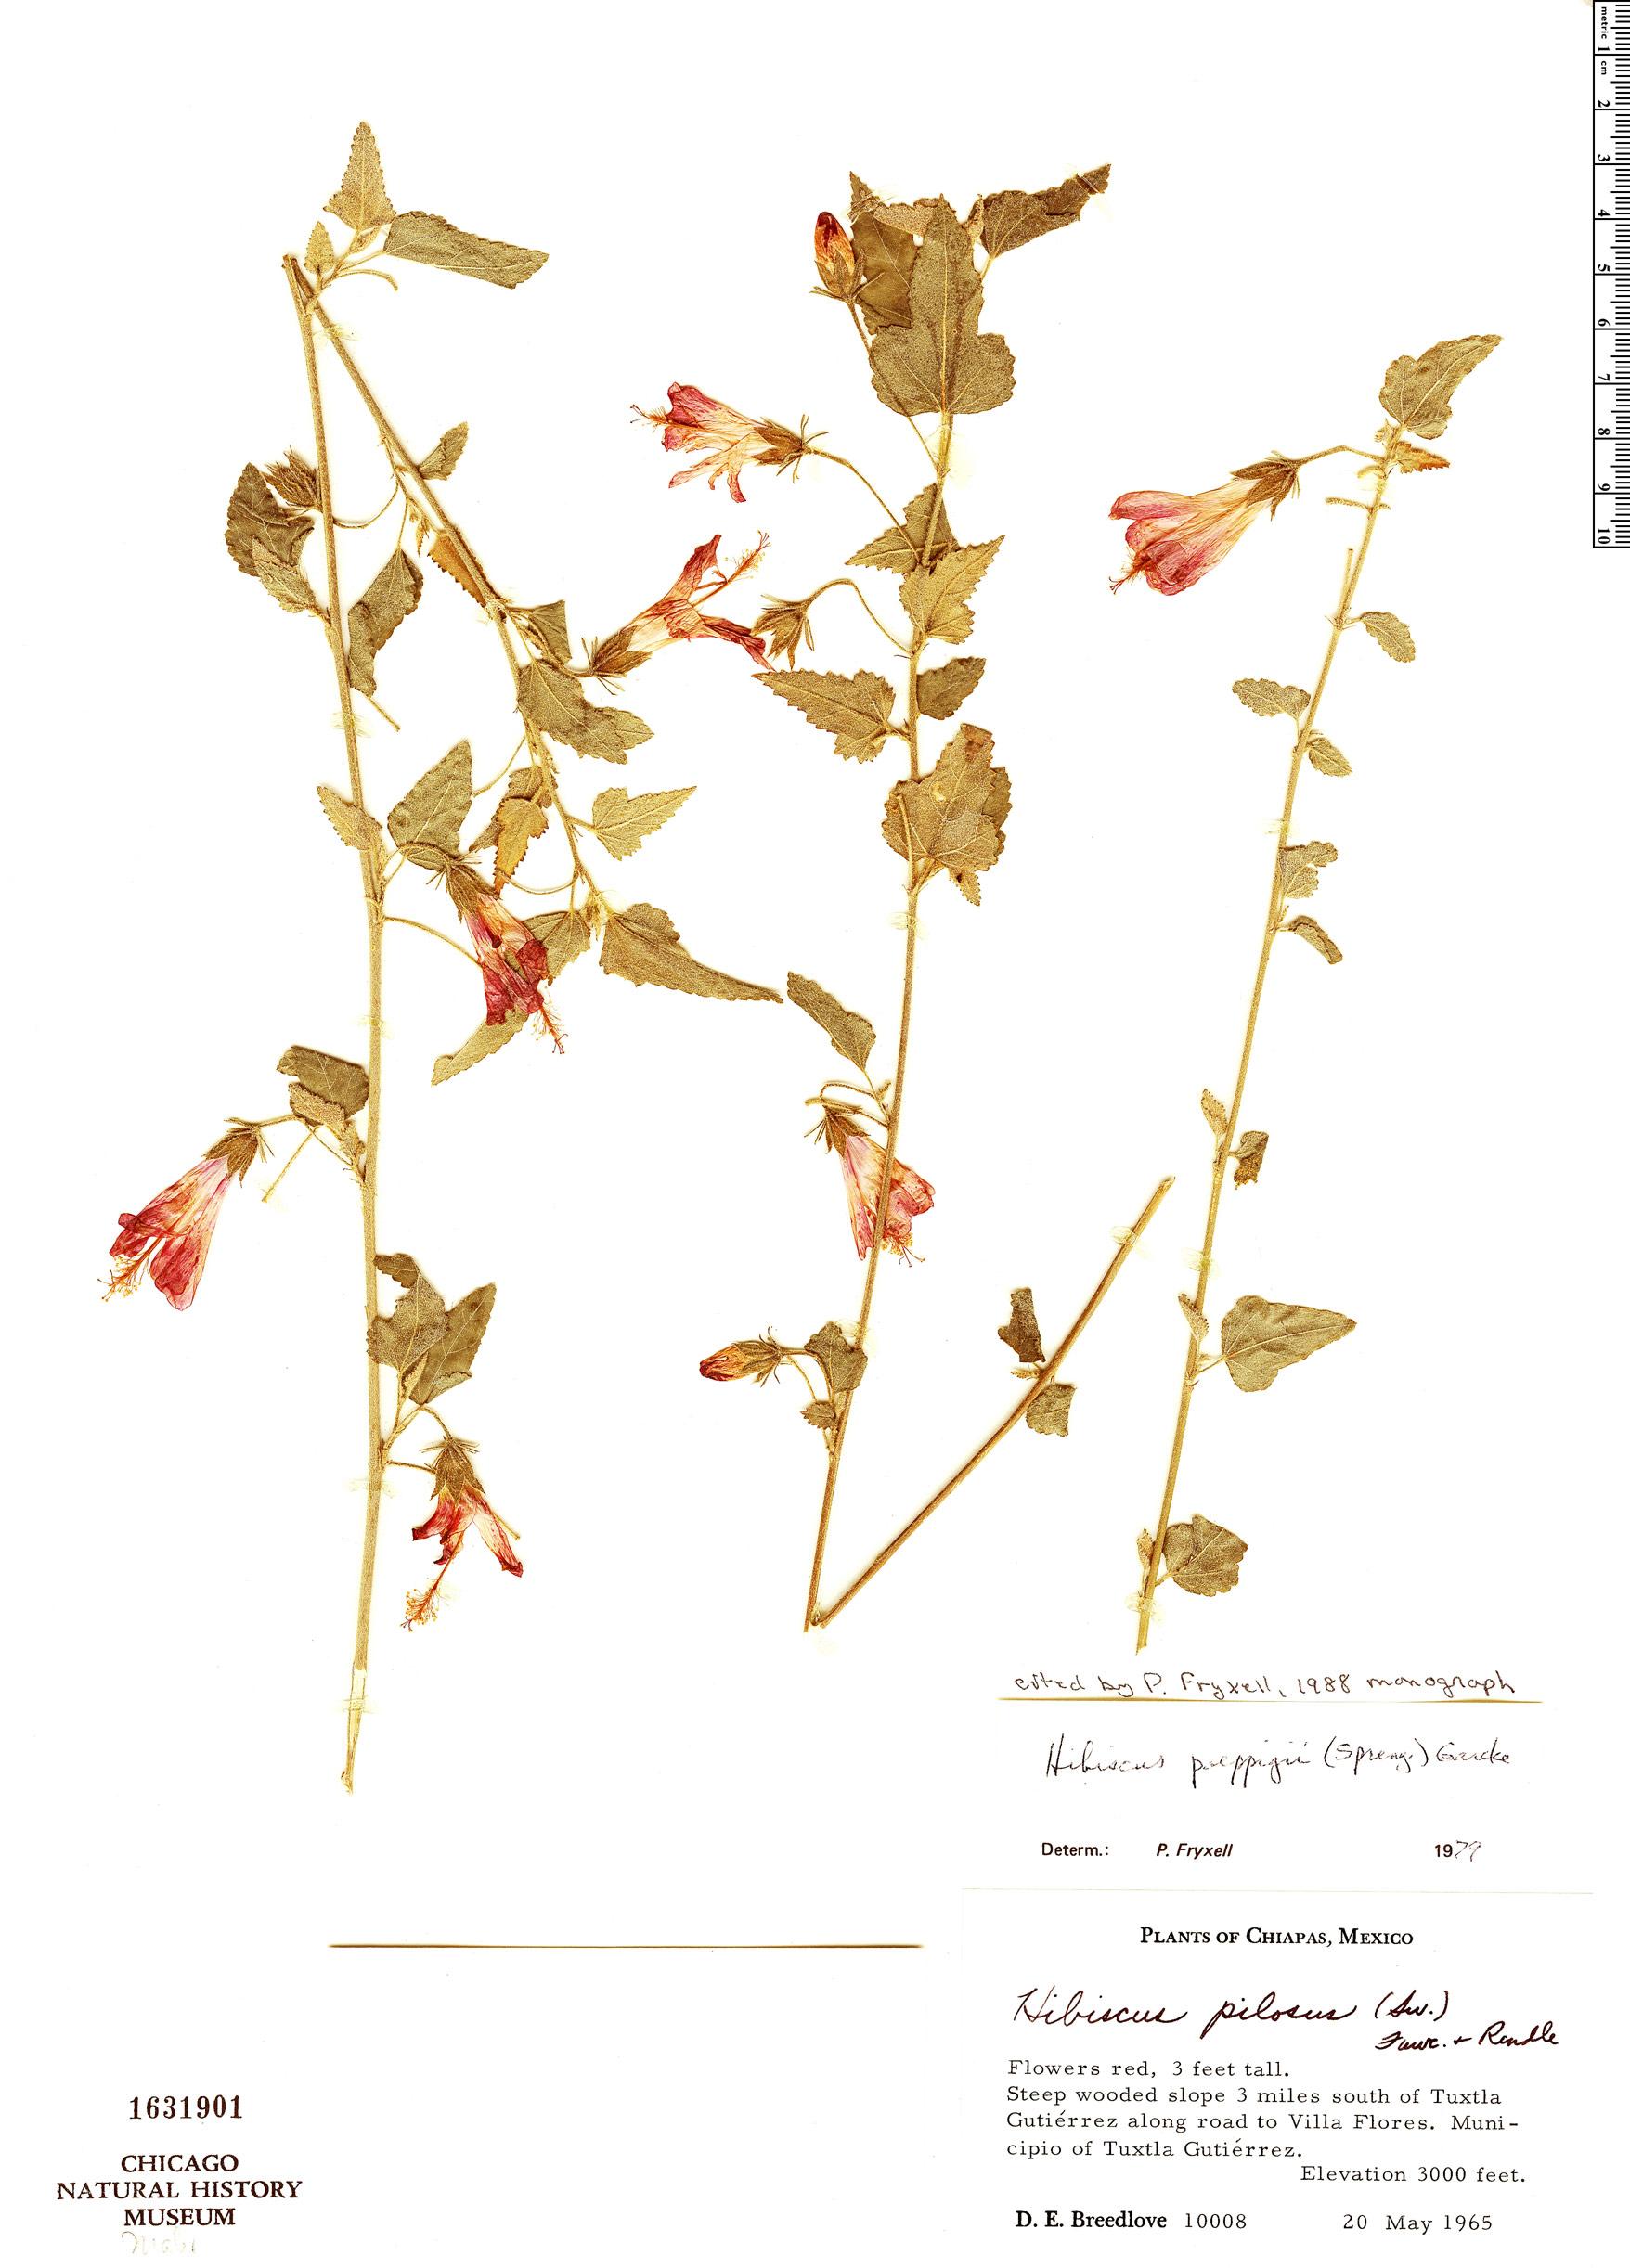 Specimen: Hibiscus poeppigii